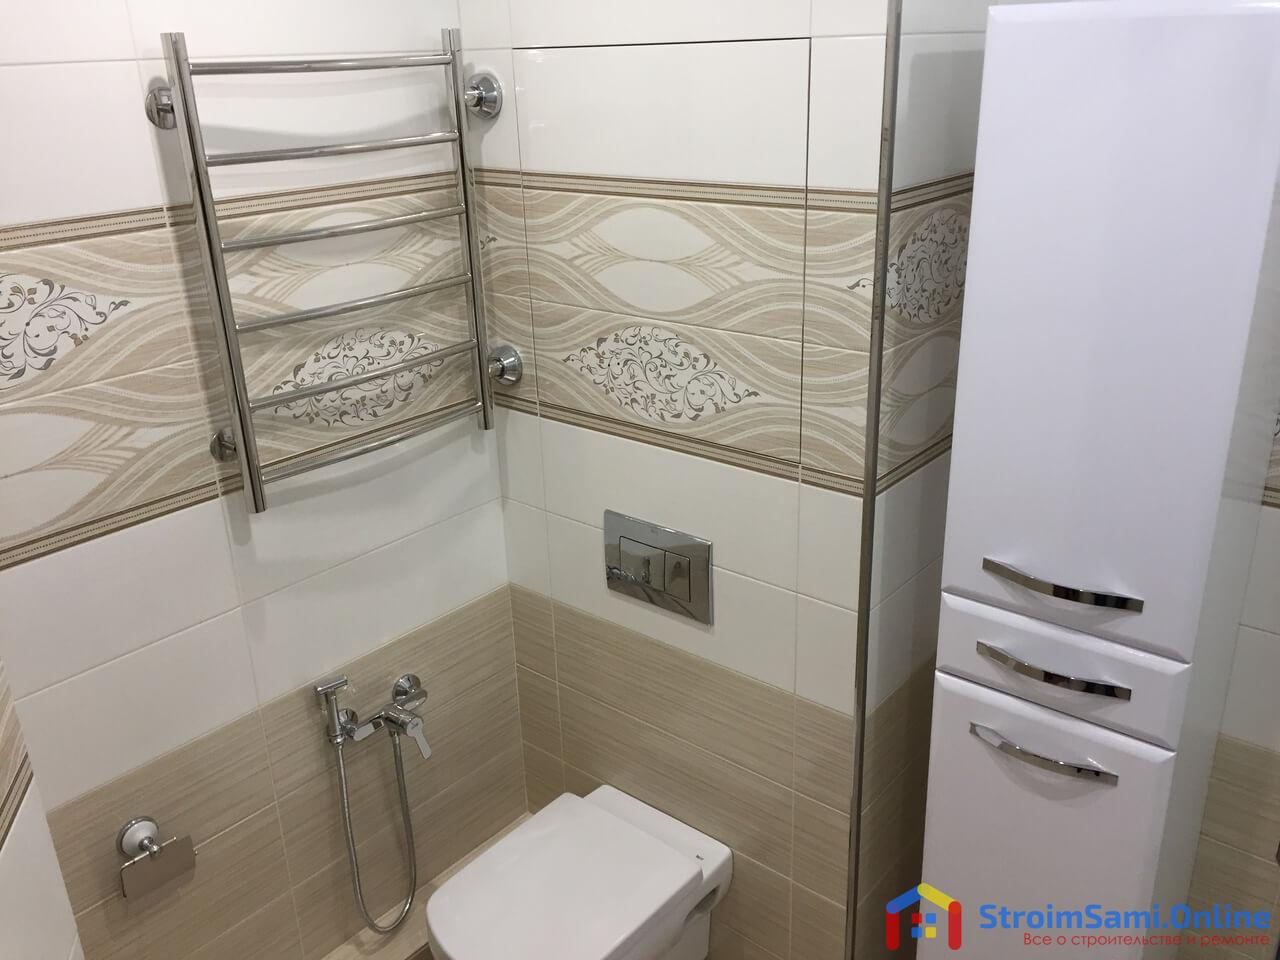 На фото: инсталляция в ванной комнате, совмещенной с санузлом